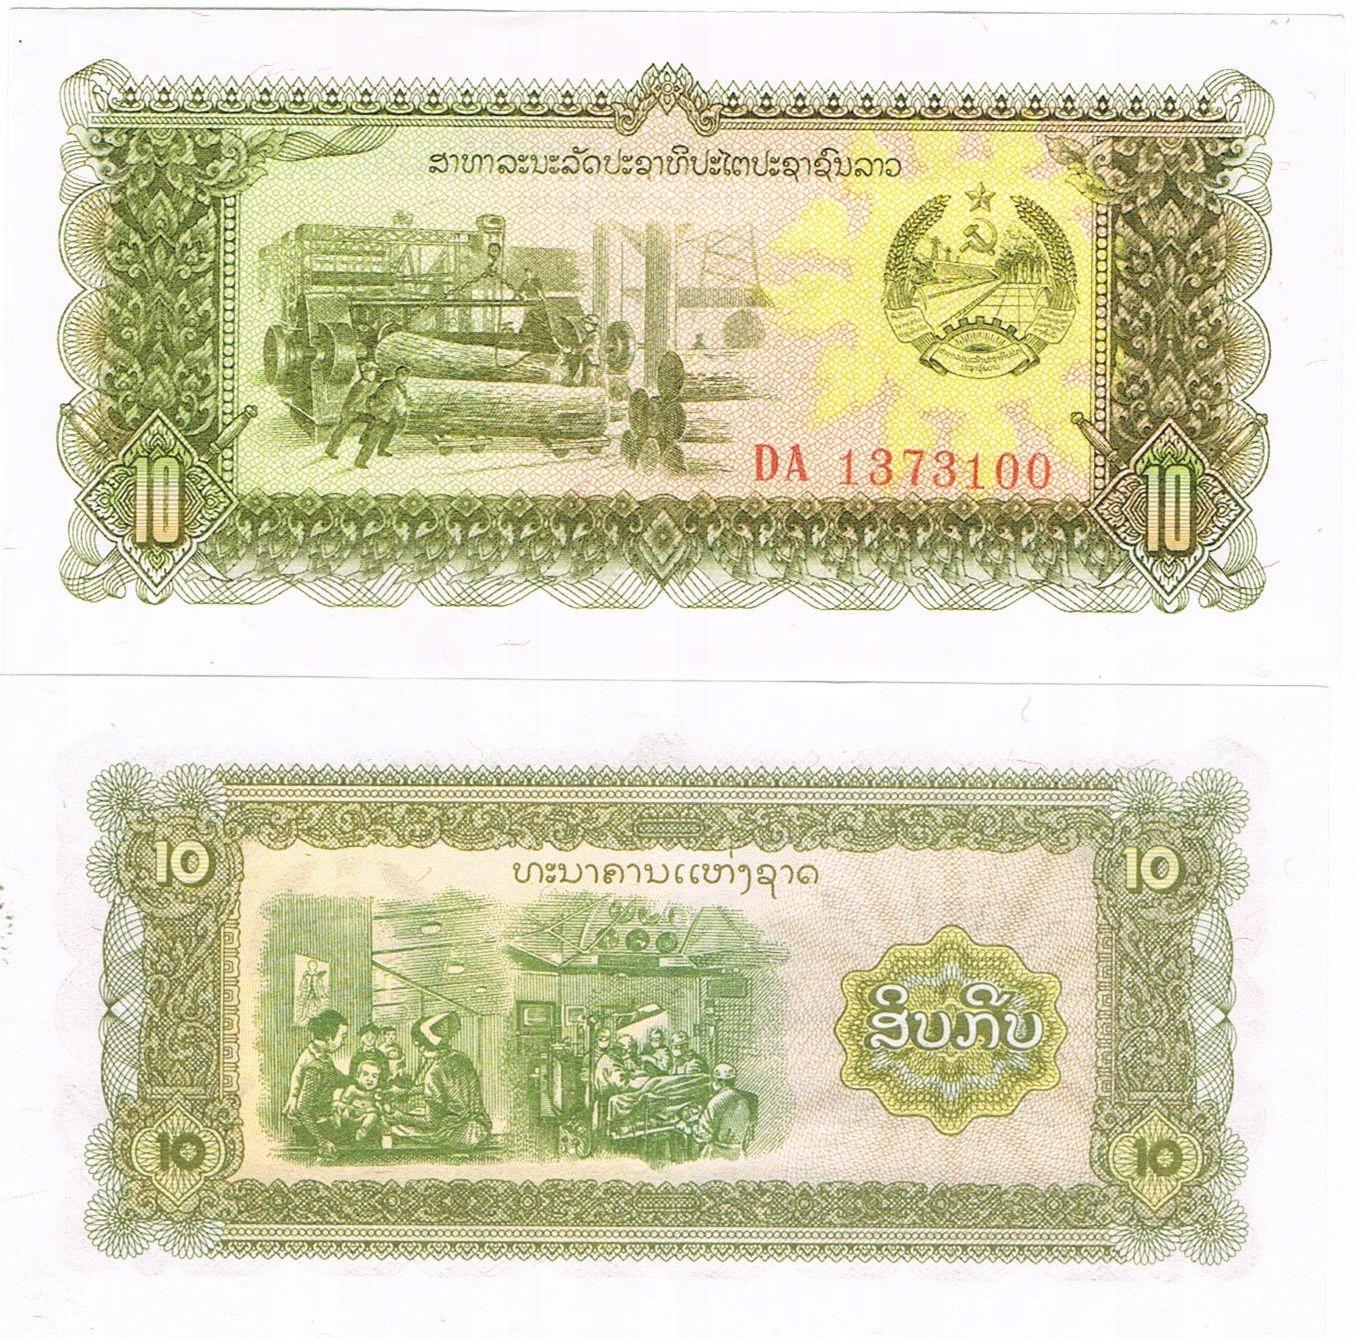 Банкнота Лаоса 10 кип P-27 UNC